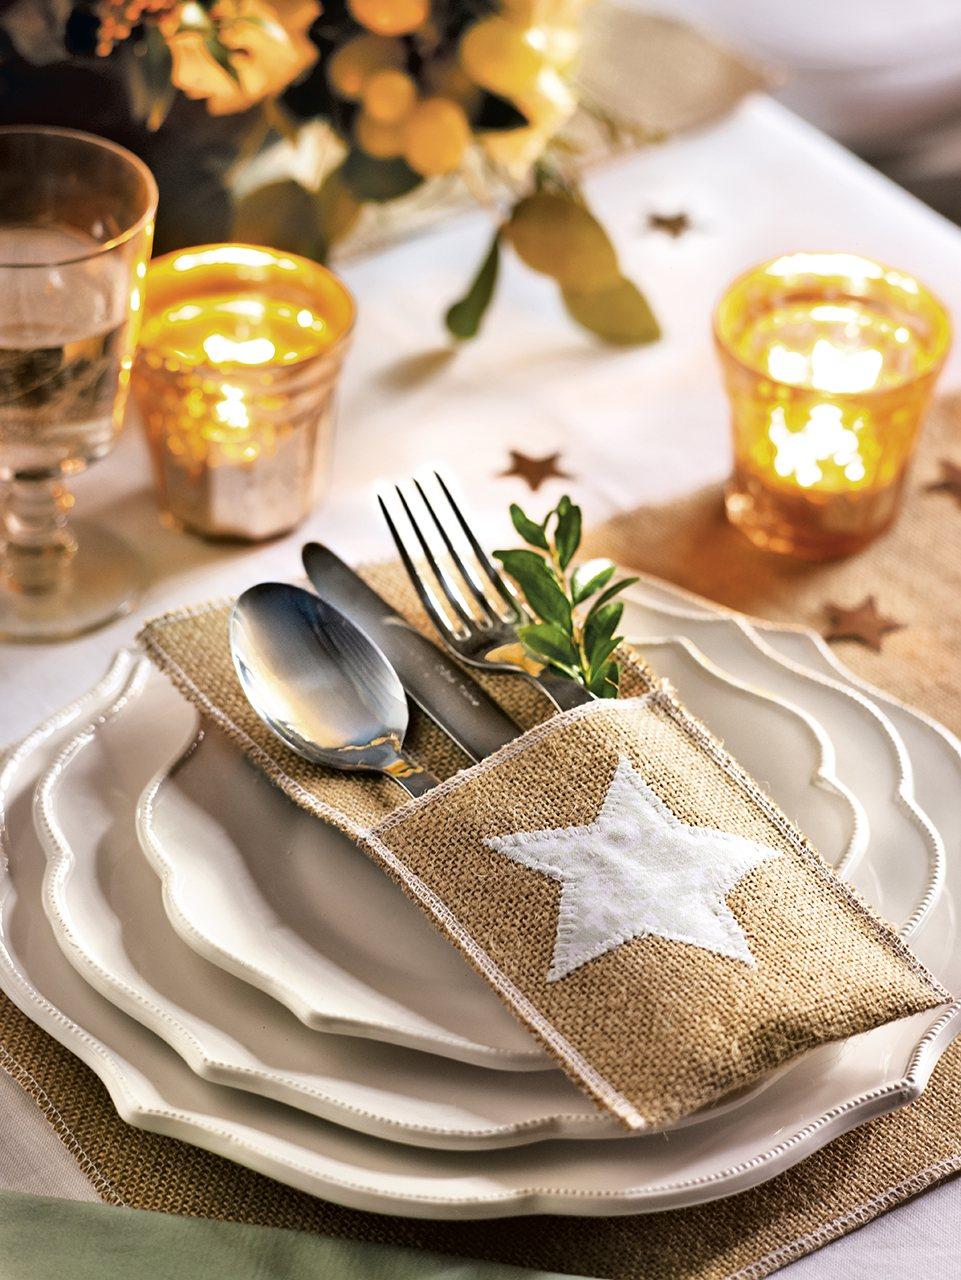 Descubre la decoraci n navide a m s natural - Vajilla de navidad ...